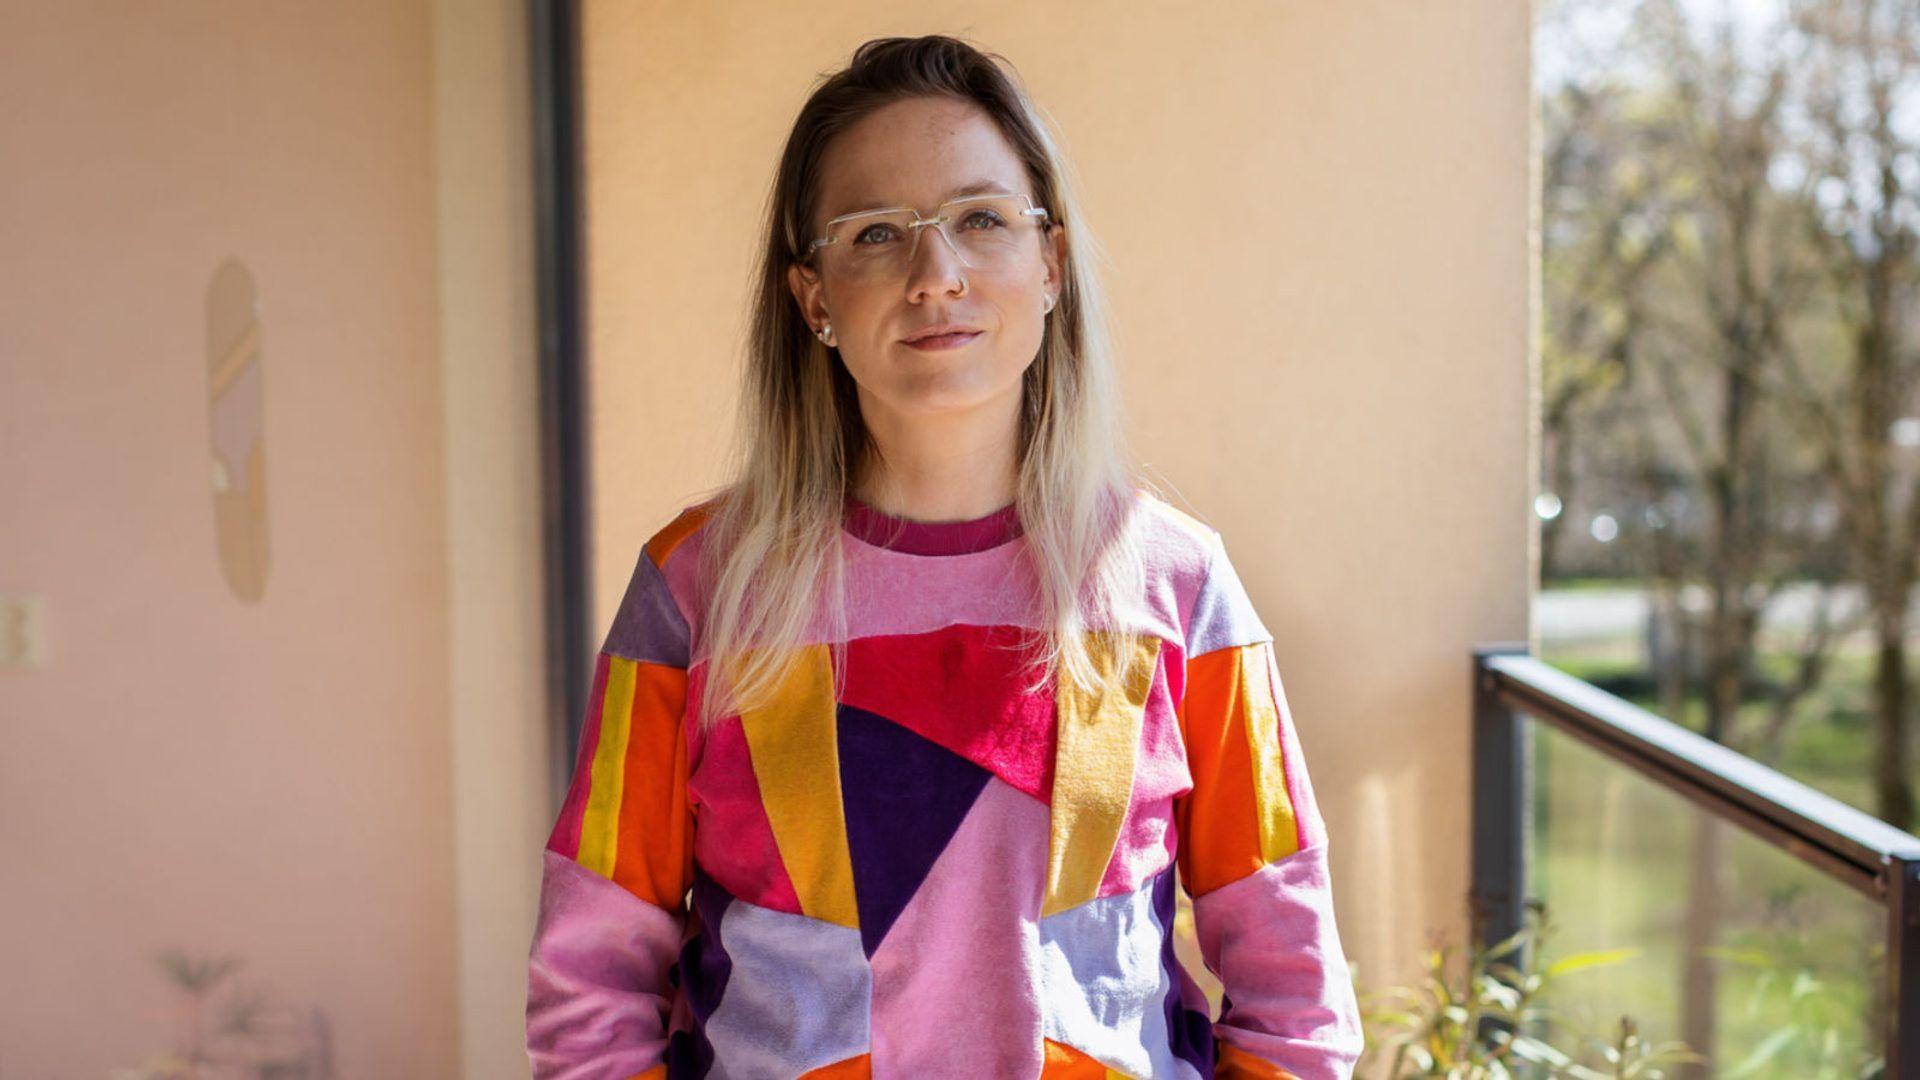 Aafke Romeijn: 'Als je depressief bent, verlies je al je zelfvertrouwen'